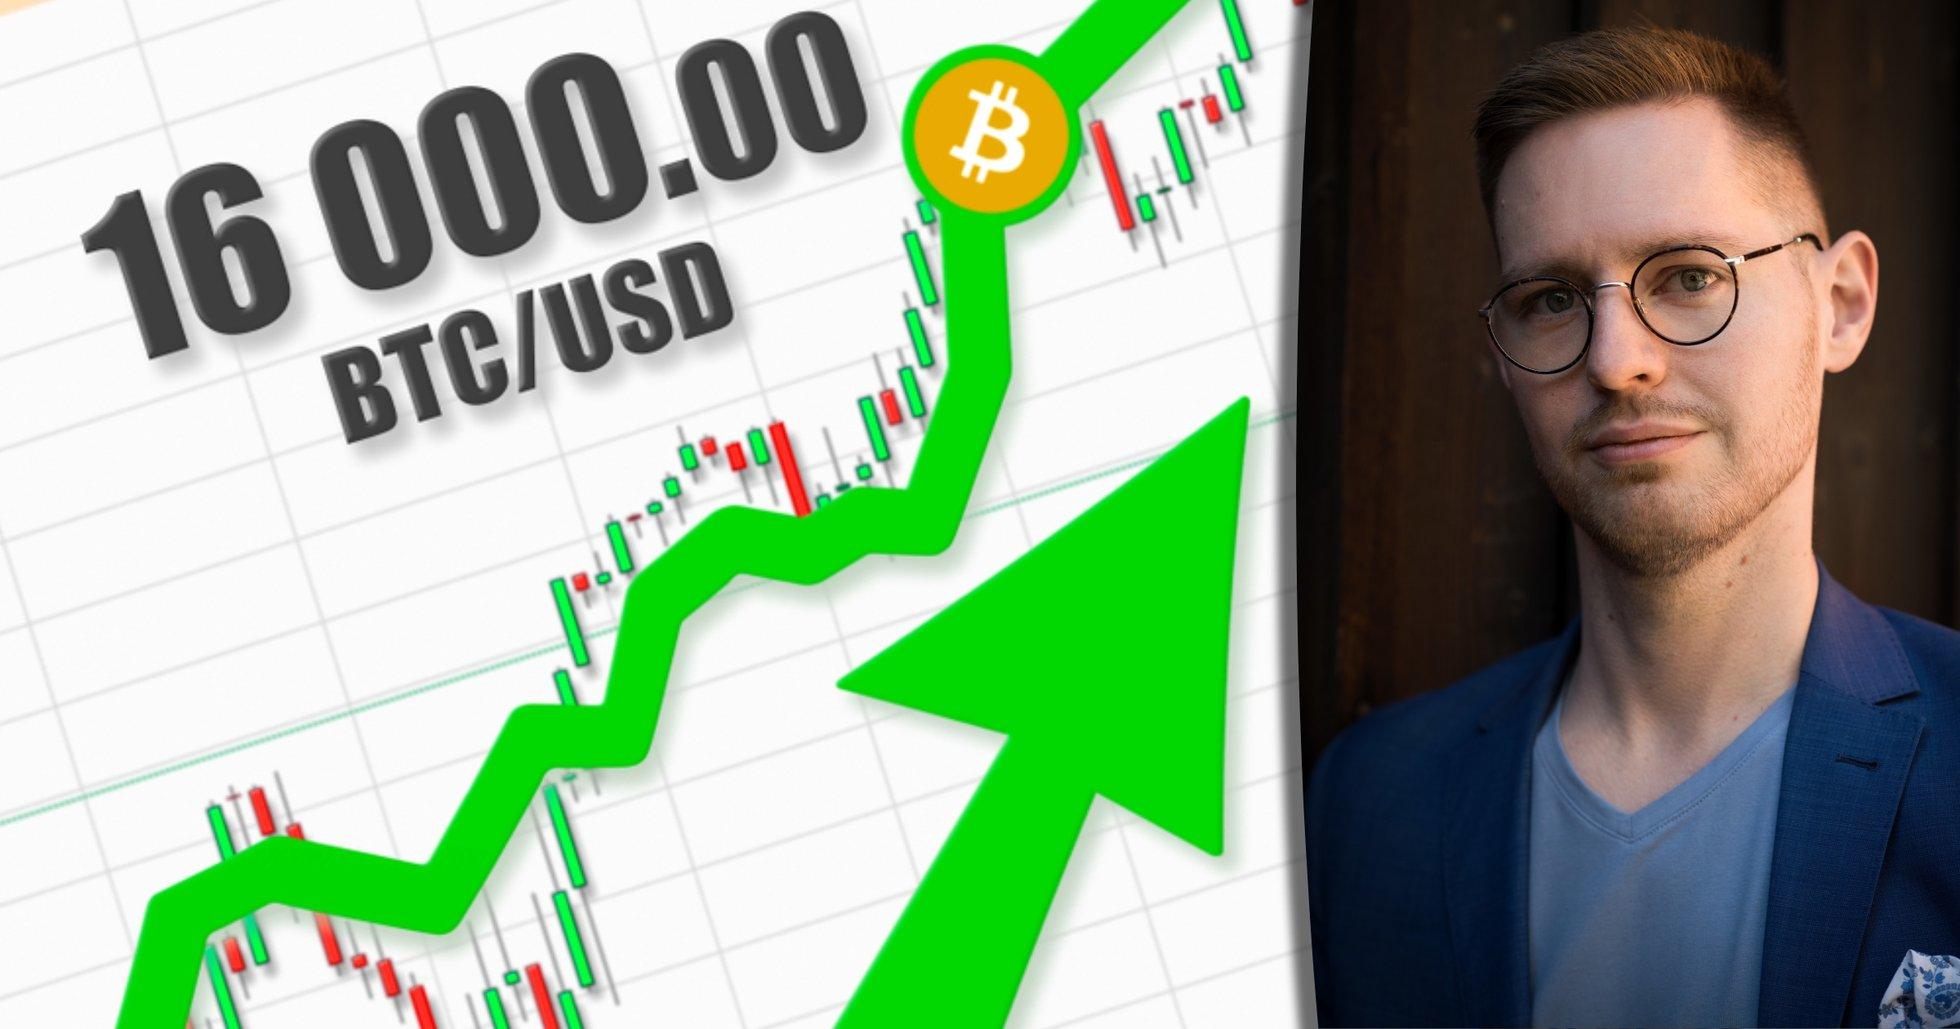 Bitcoinpriset rusar över 16 000 dollar – expert tror att tjurmarknad är nära